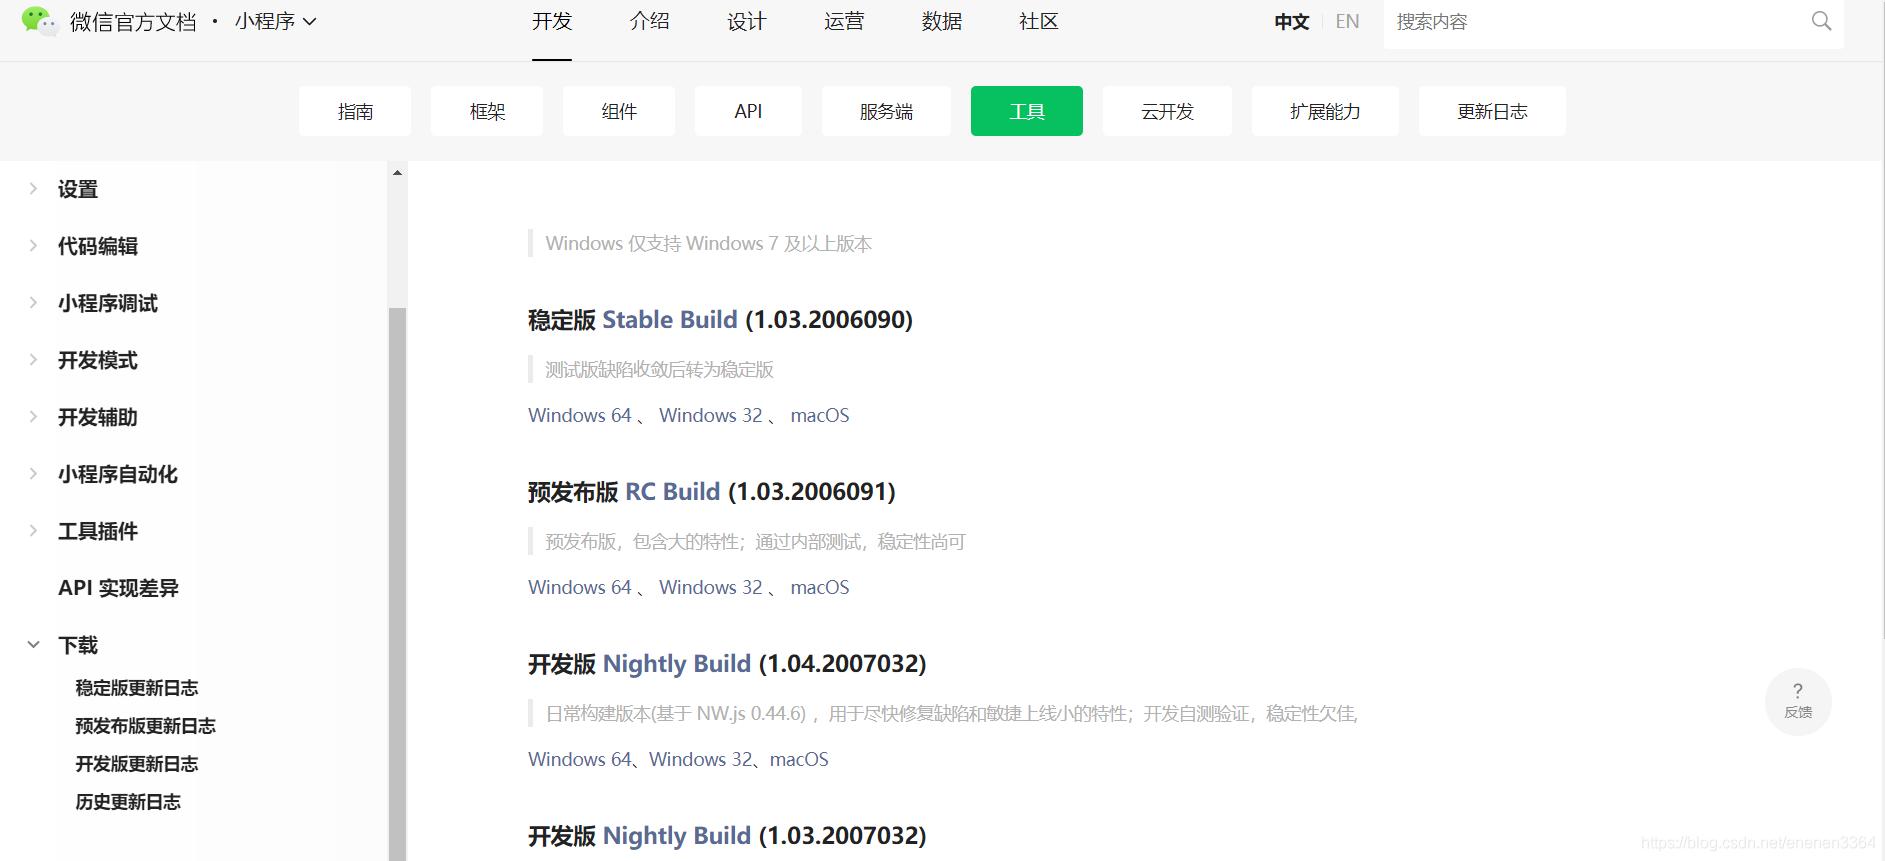 开发工具下载界面